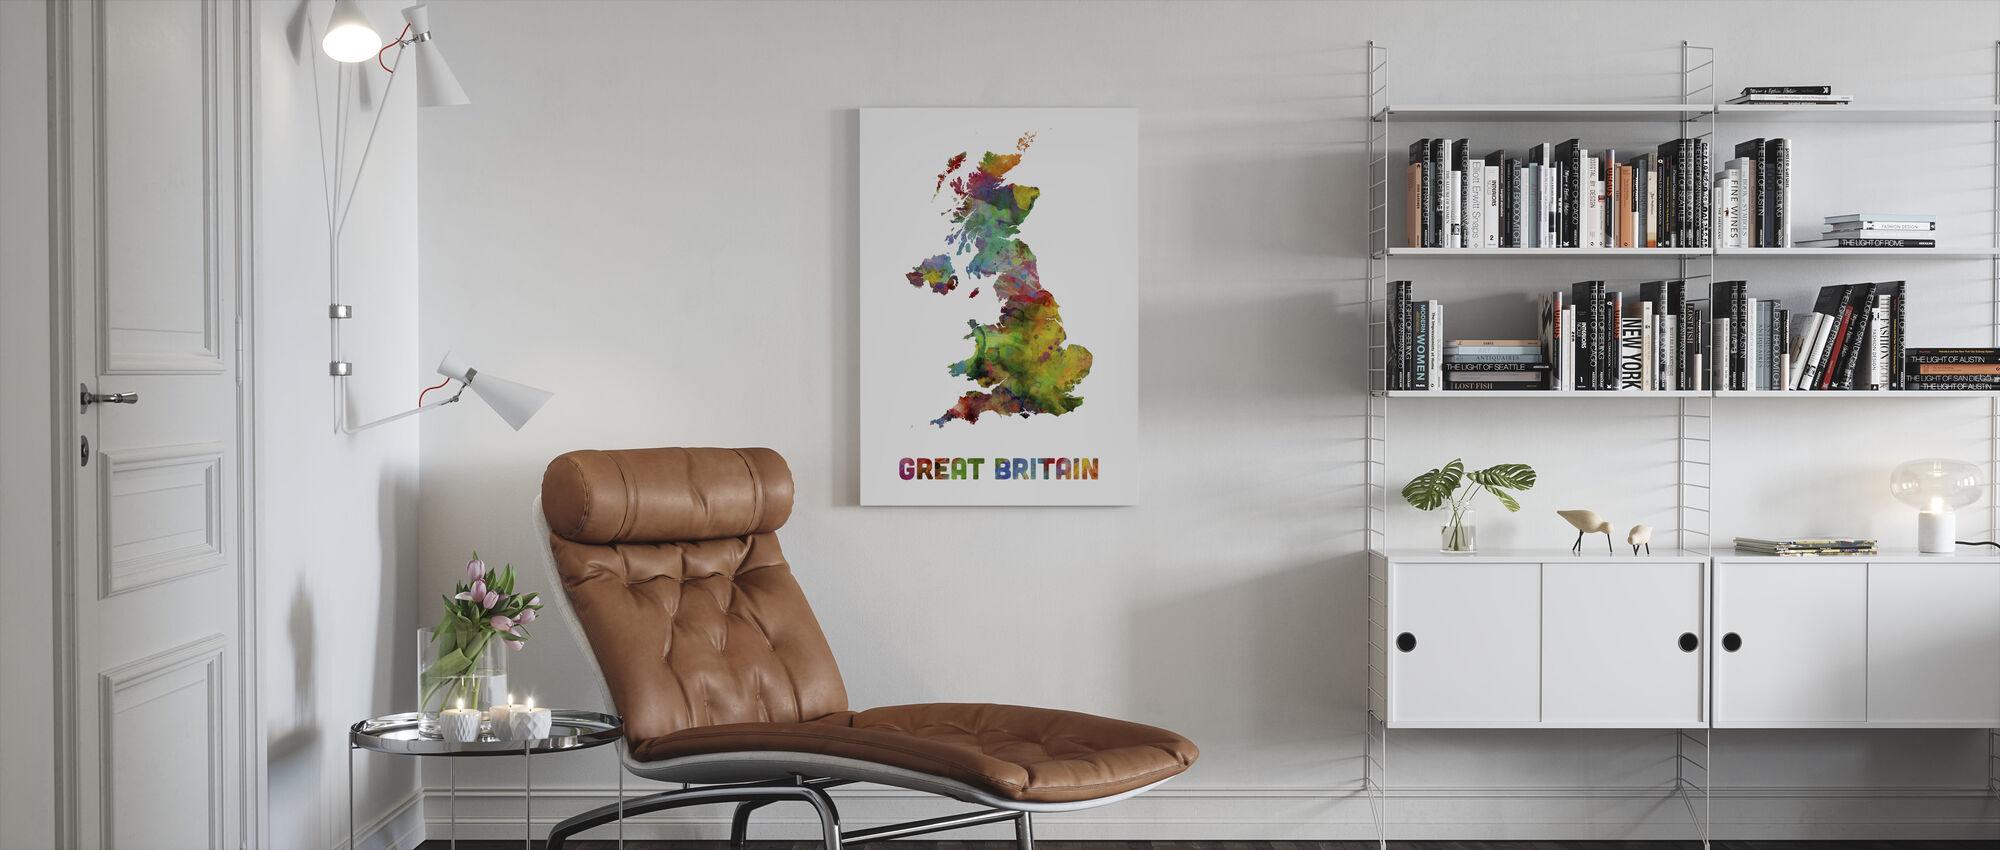 Carte de l'aquarelle de la Grande-Bretagne - Impression sur toile - Salle à manger